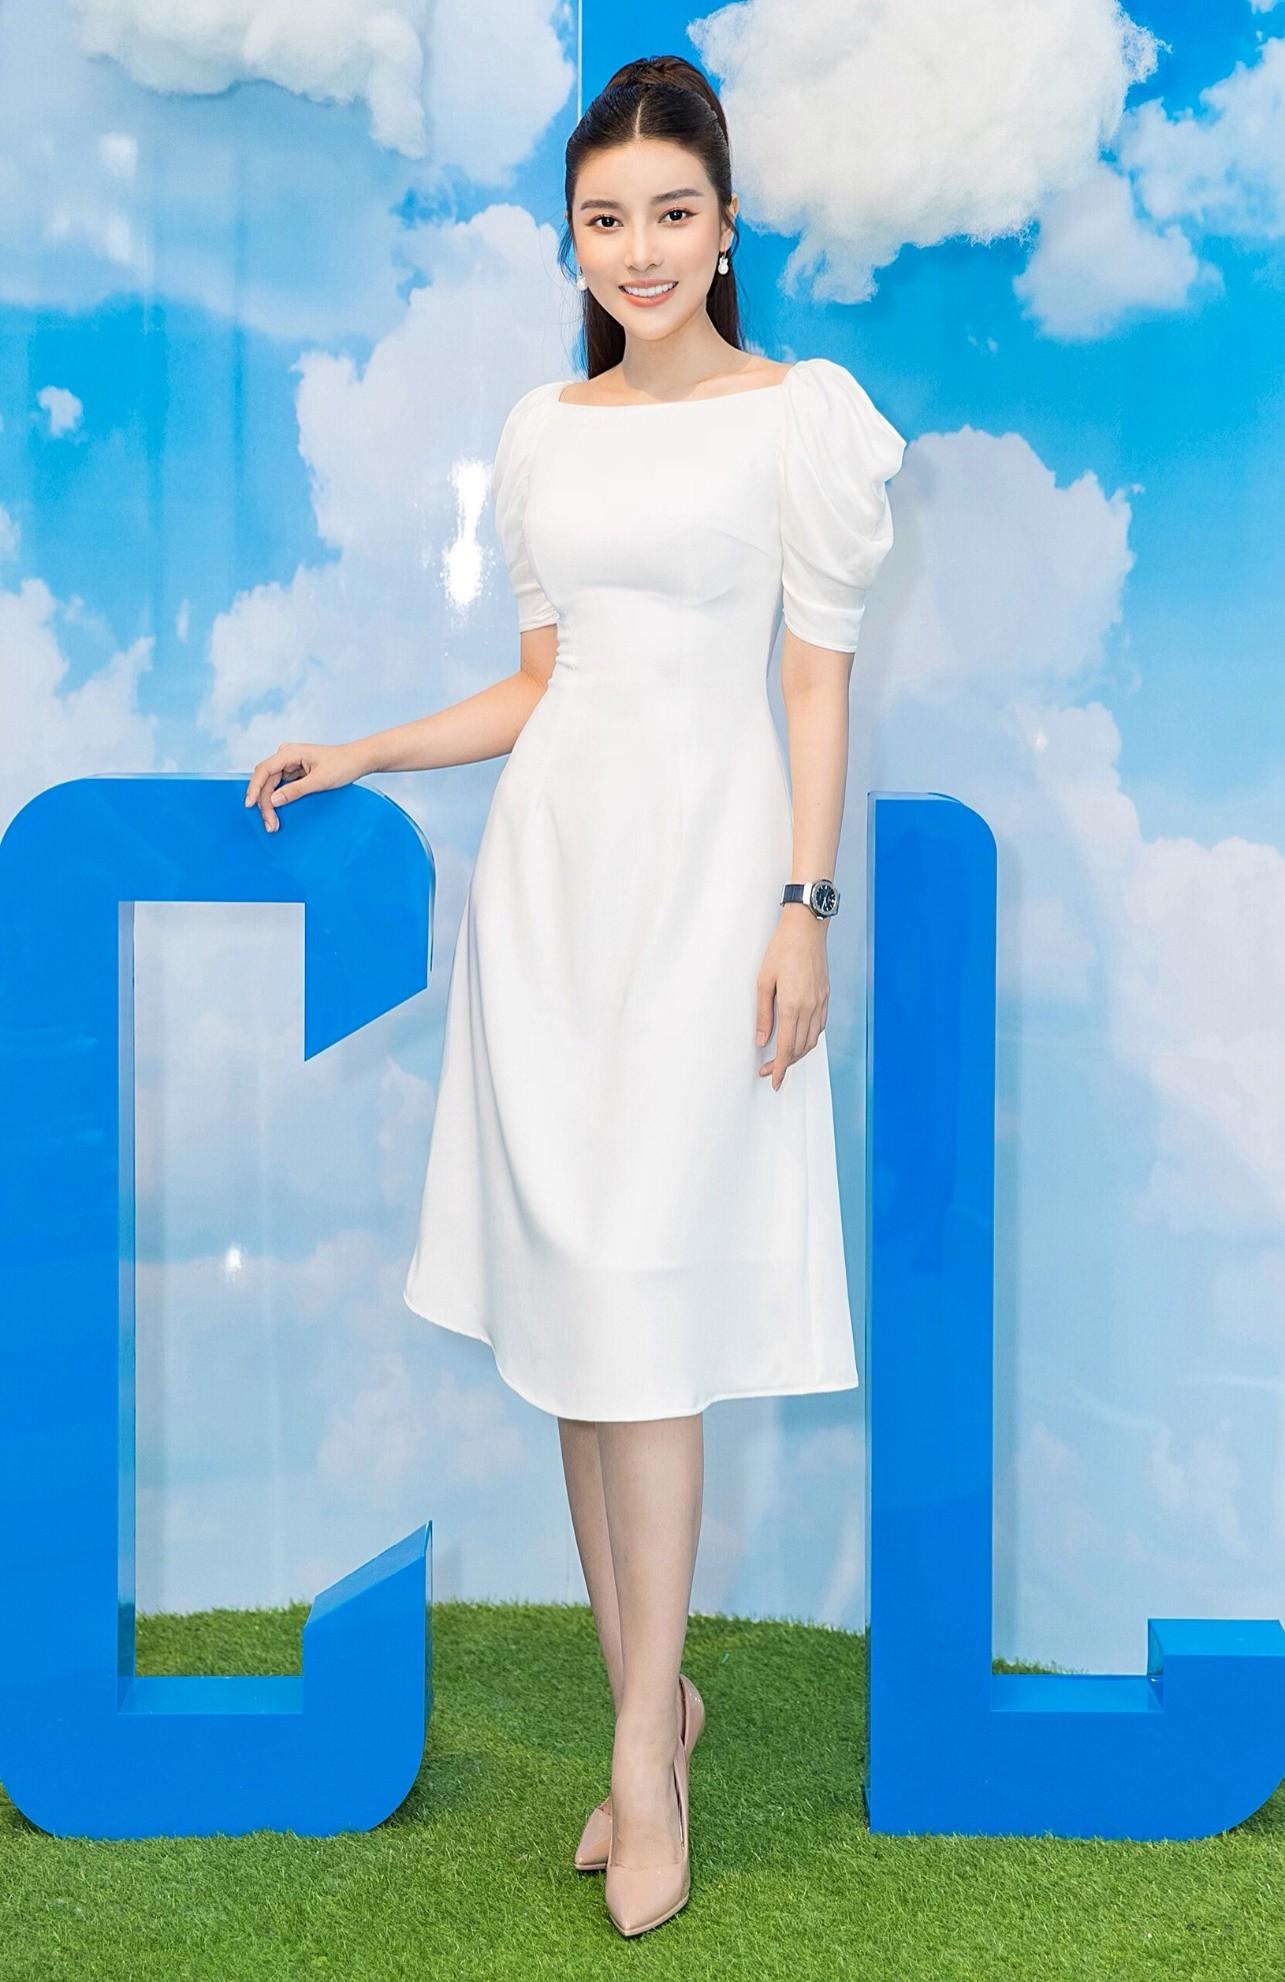 Cao Thái Hà chính thức bước vào lĩnh vực làm đẹp với Collagen Labores - Ảnh 2.